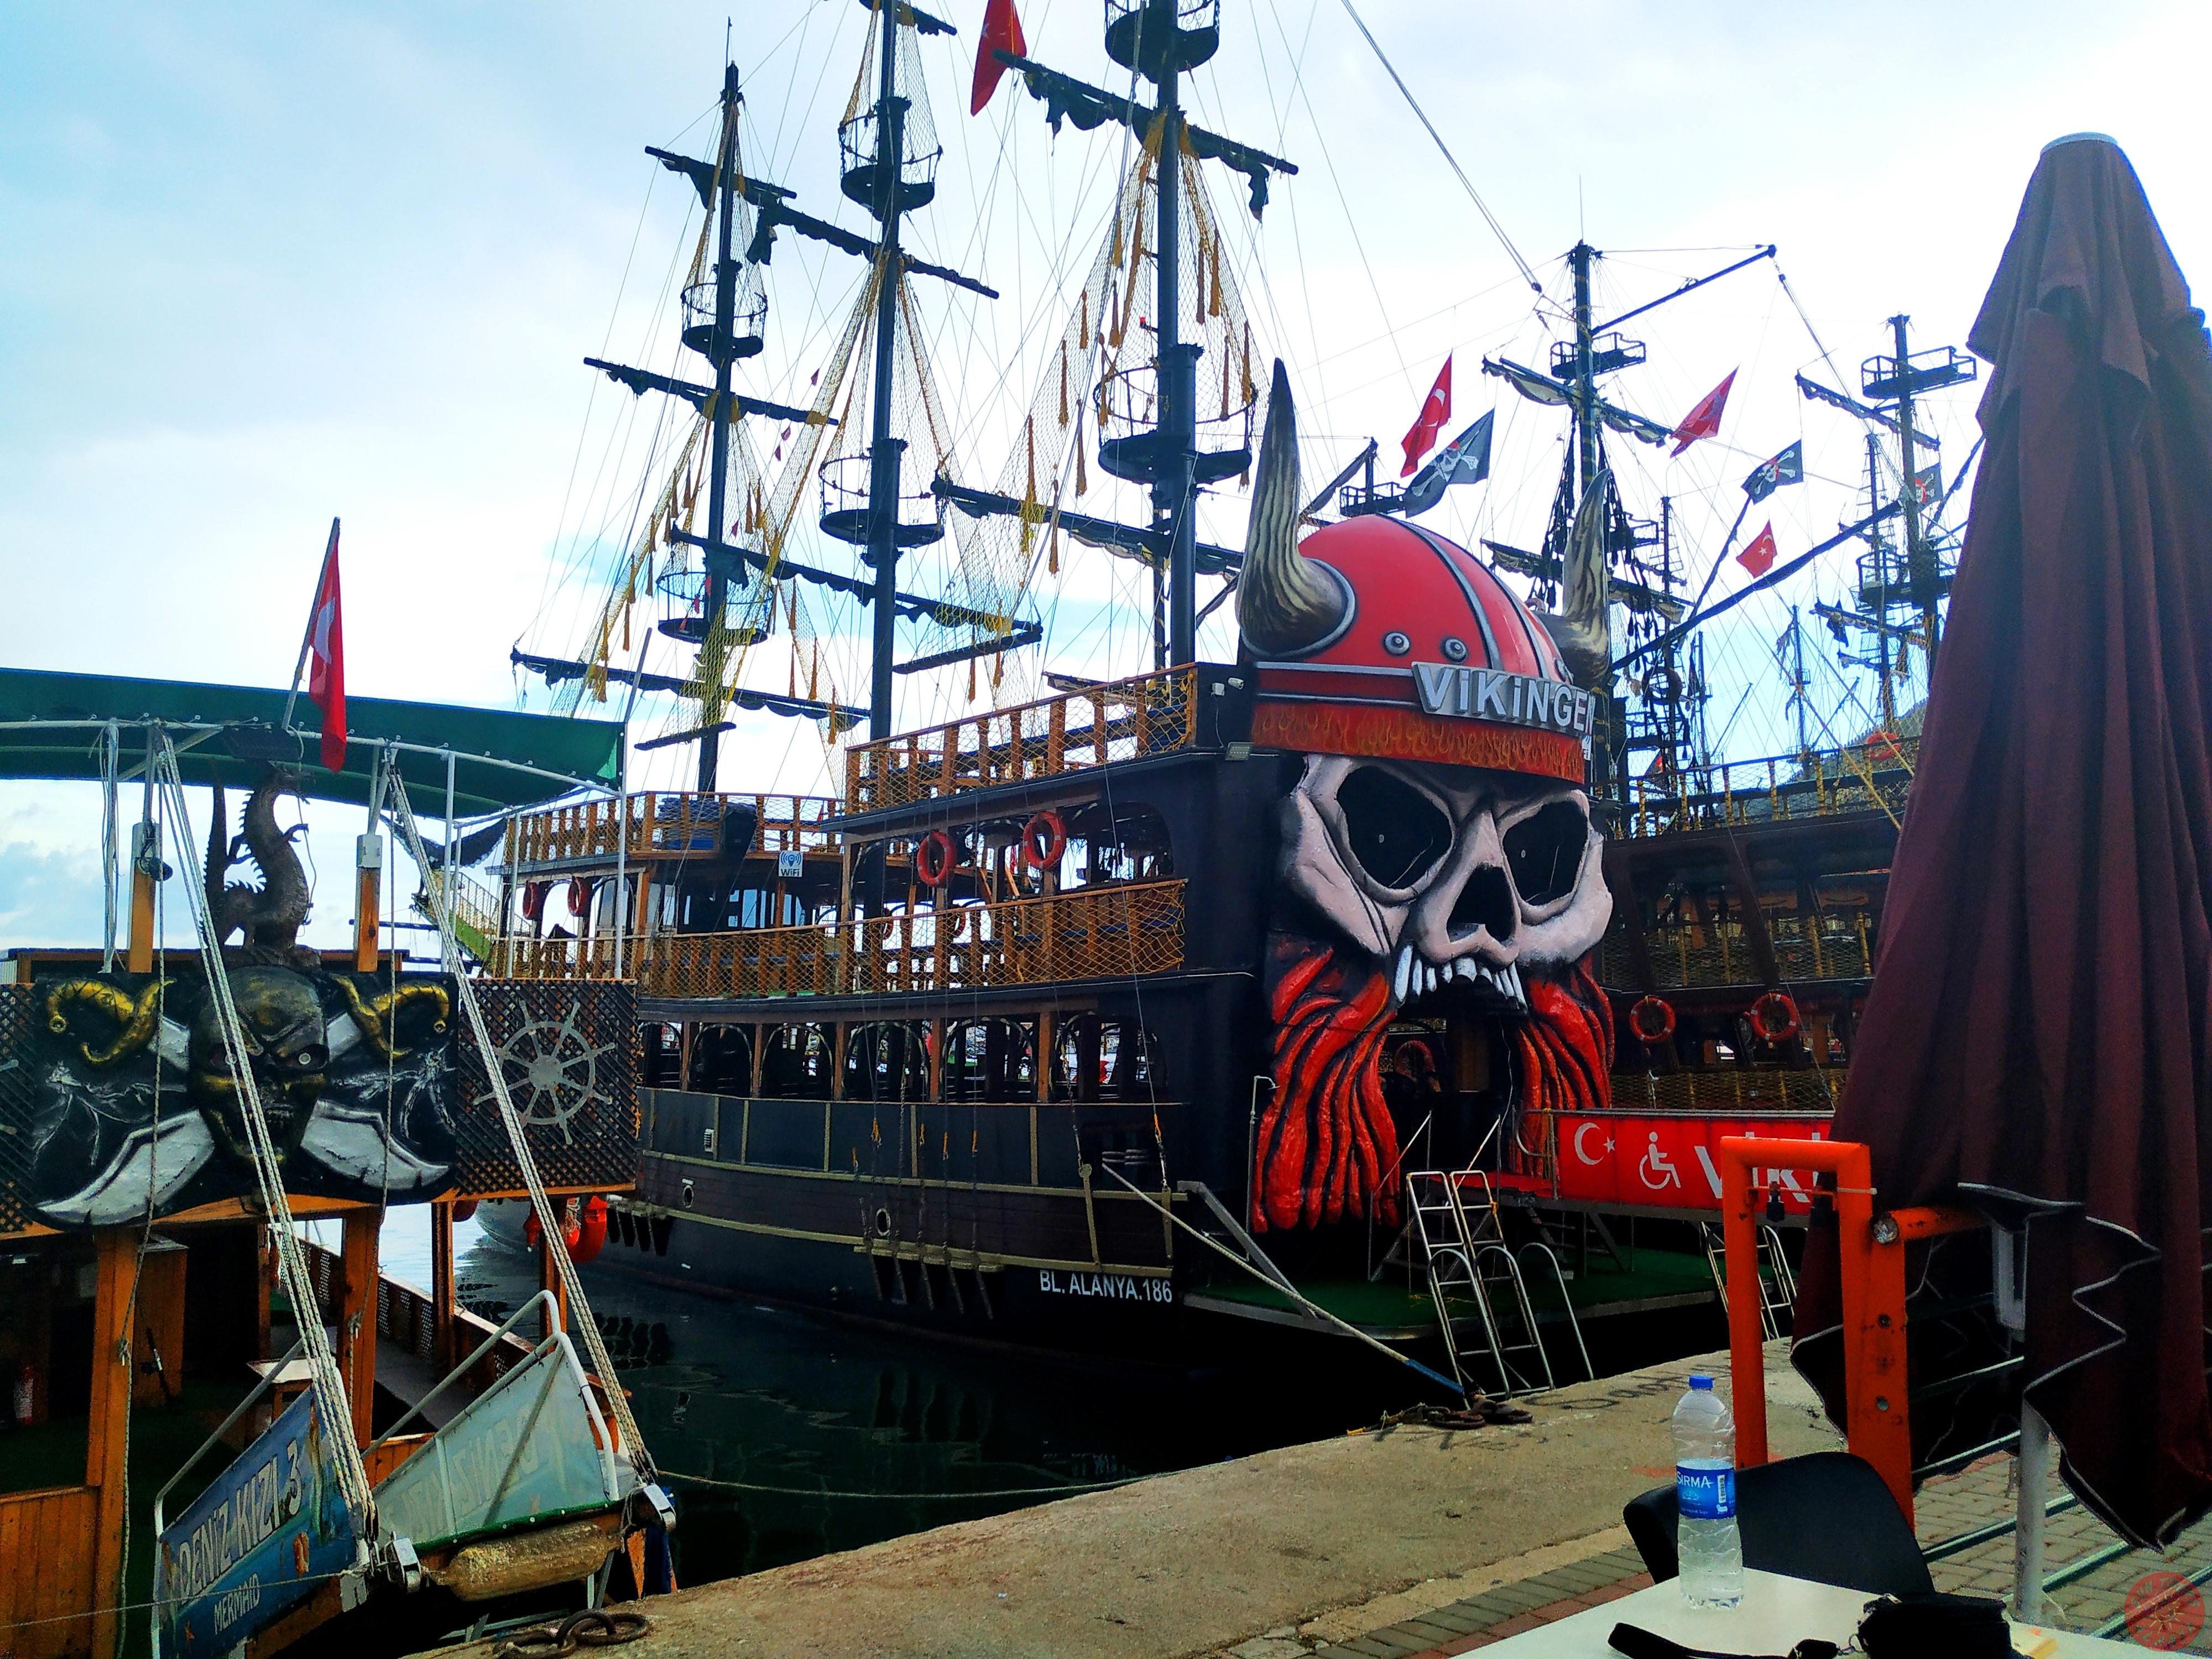 Яхта викингов в Алании отзывы